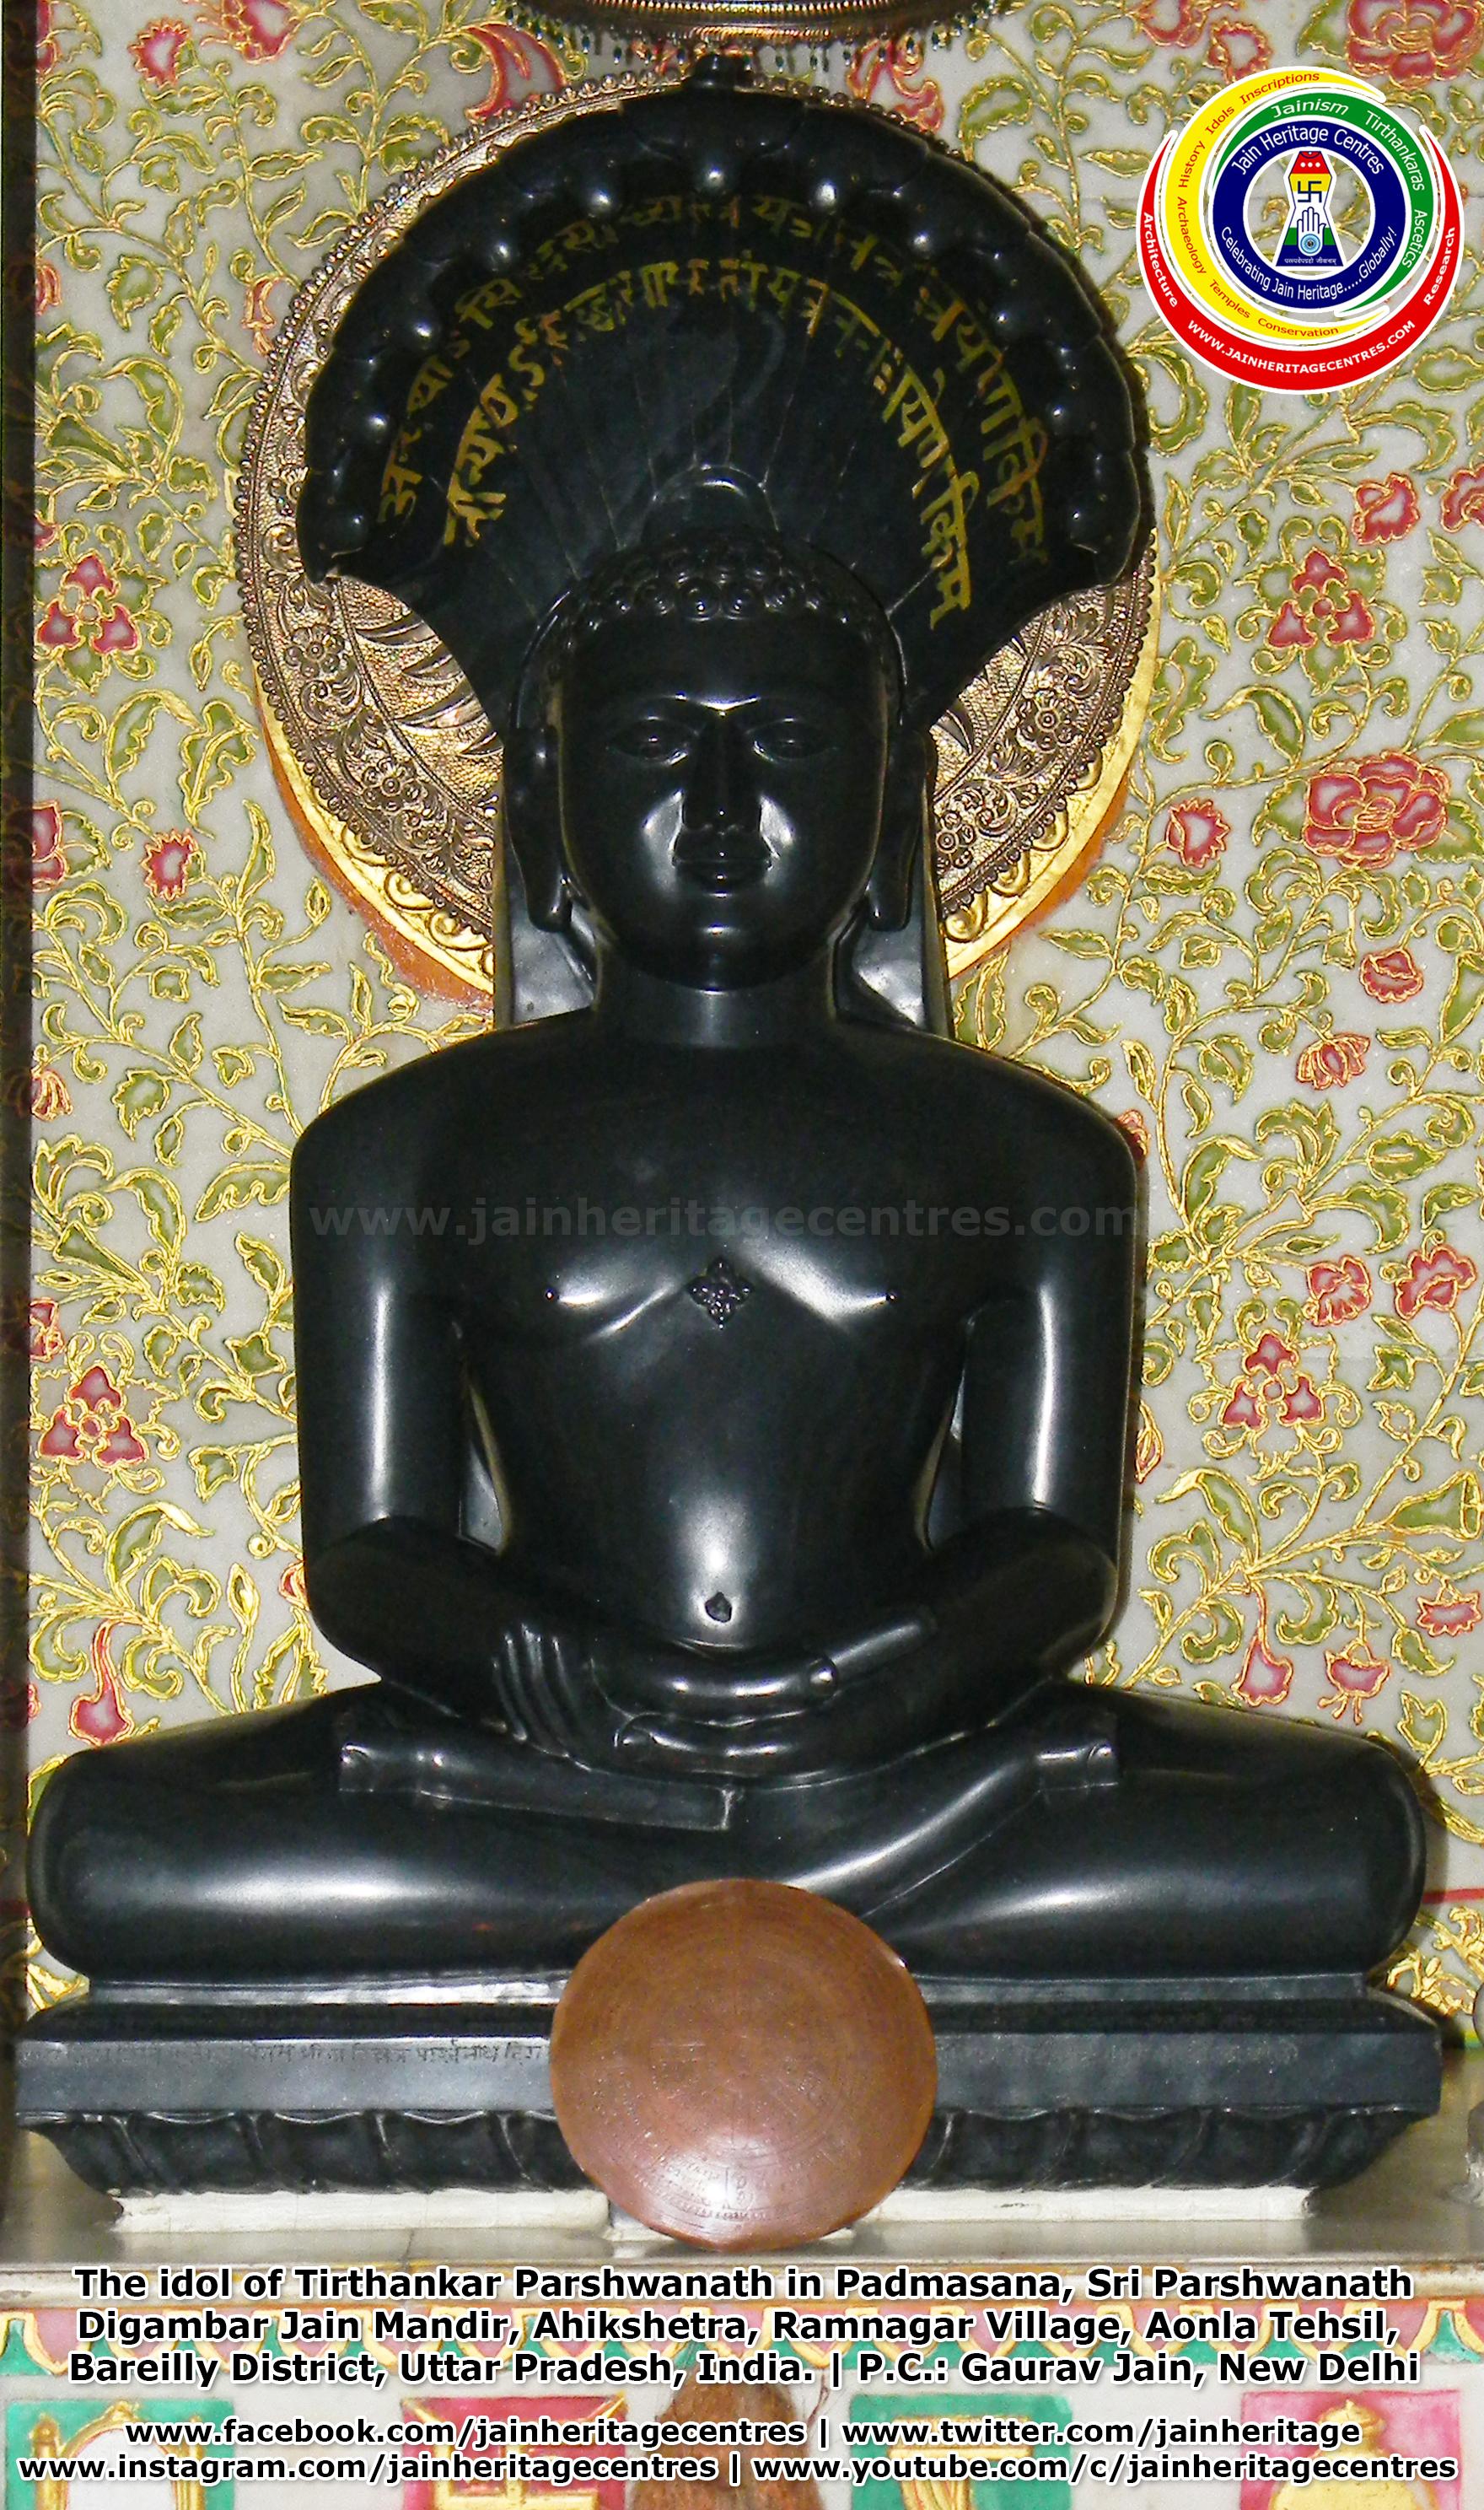 تويتر \ Jain Heritage Centres على تويتر